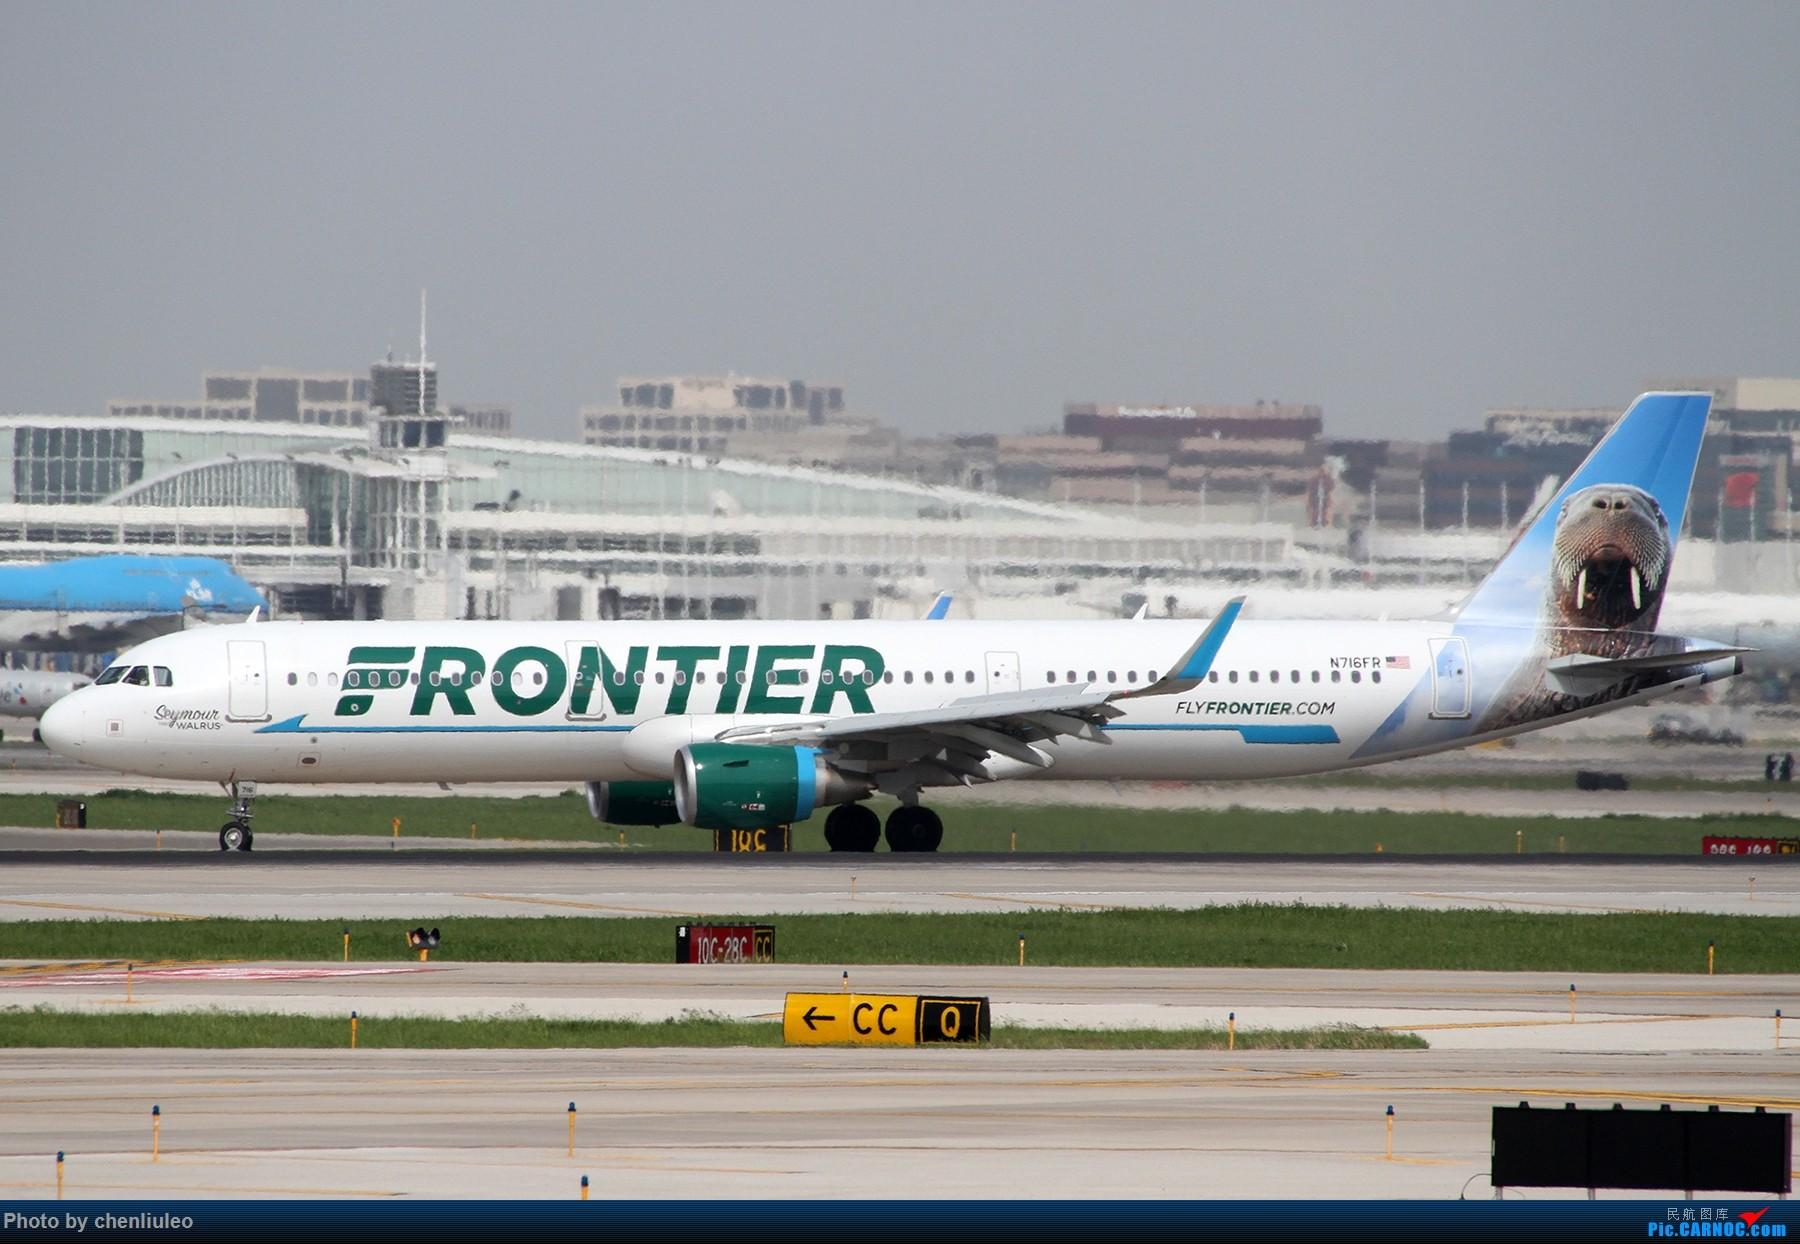 Re:[原创]【北美飞友会】芝加哥奥黑尔机场首拍 AIRBUS A321-200 N716FR 美国芝加哥奥黑尔国际机场